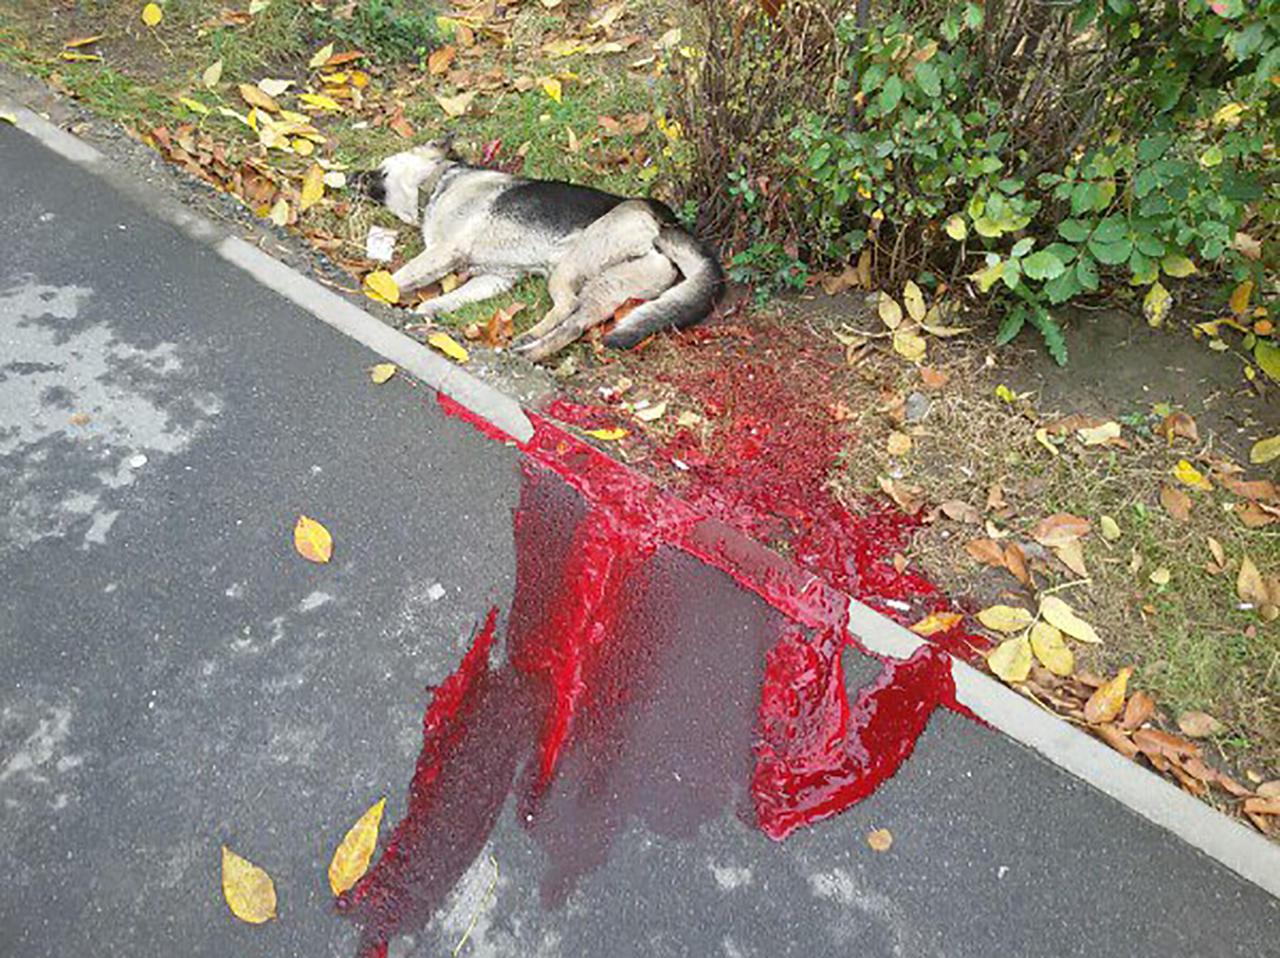 Соцсети обсуждают убийство милиционером собаки вцентре Речицы